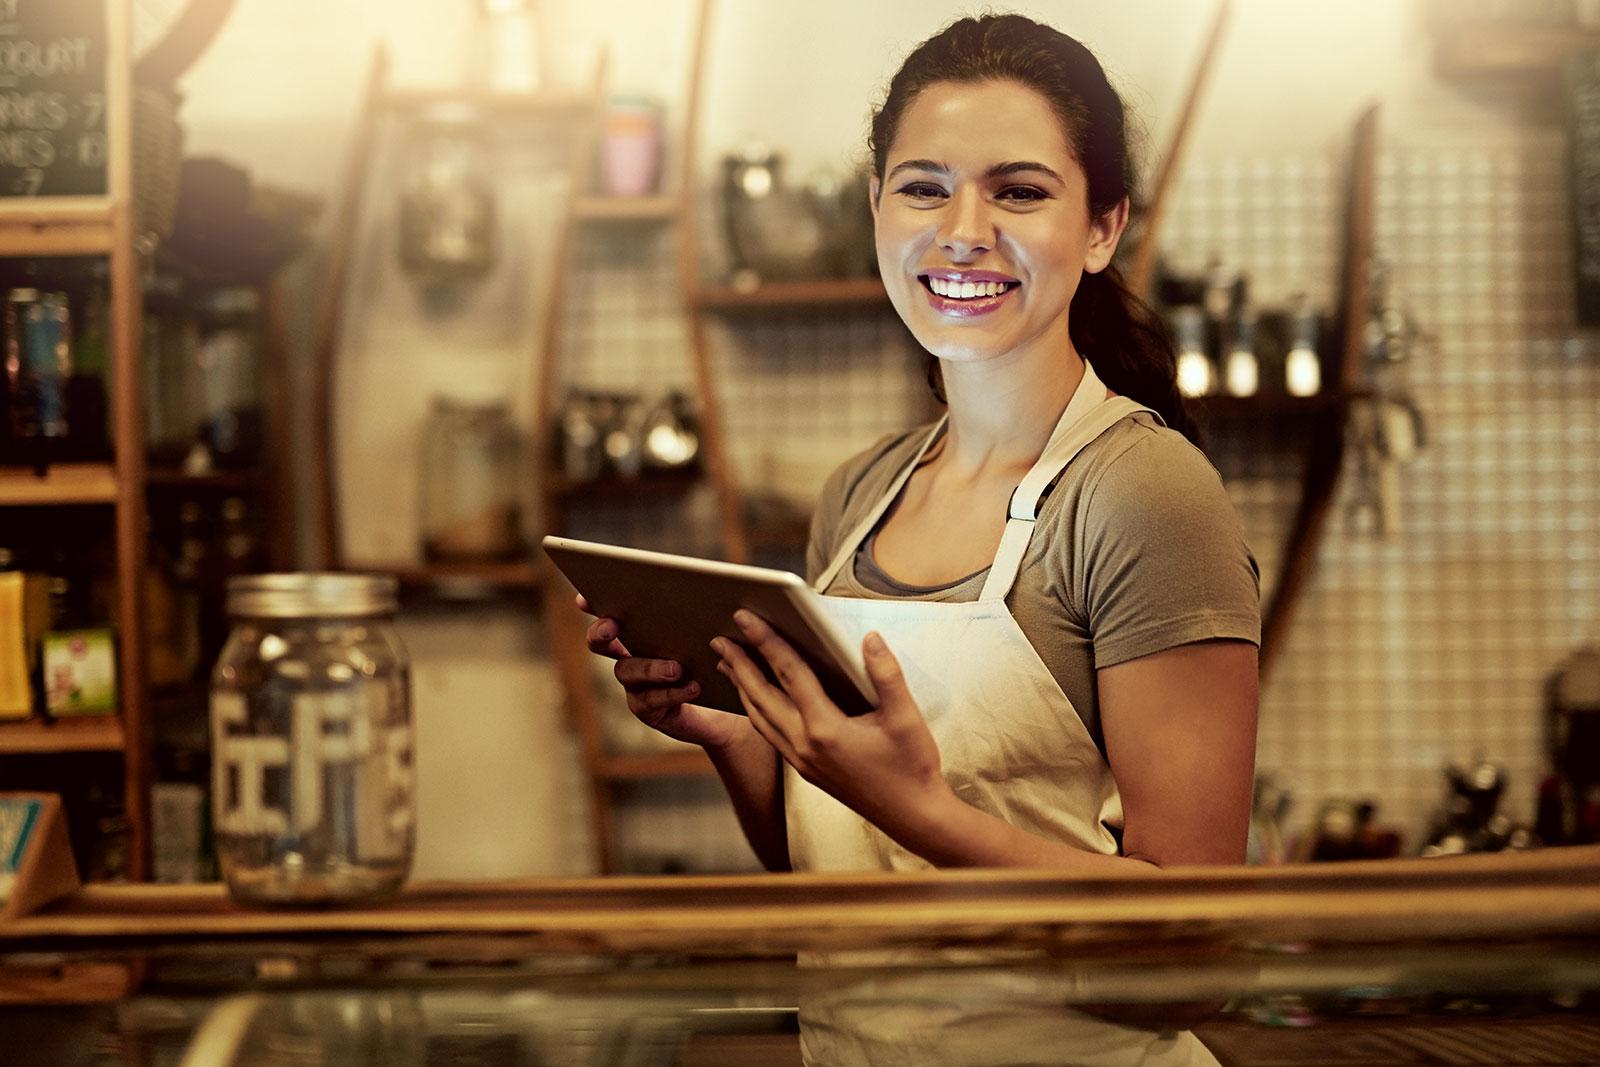 کاربران آنلاین و اهمیت دیجیتال مارکتینگ